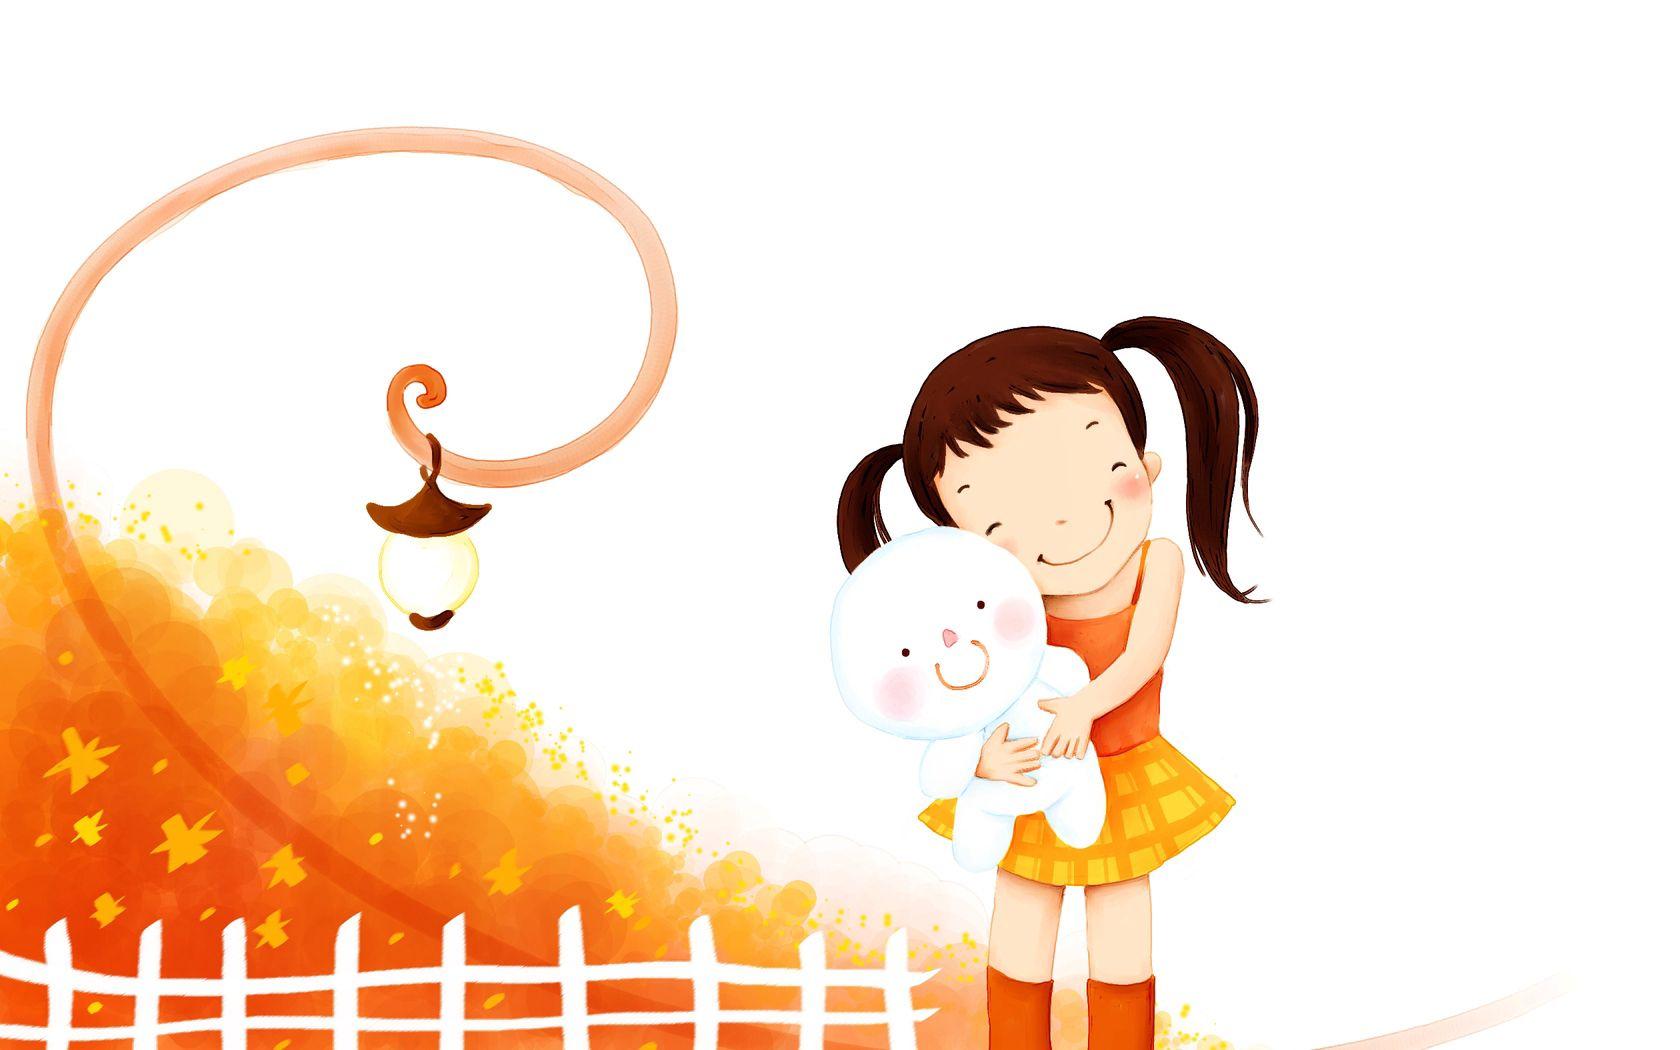 102808 скачать обои Разное, Девочка, Игрушка, Объятия, Детство - заставки и картинки бесплатно